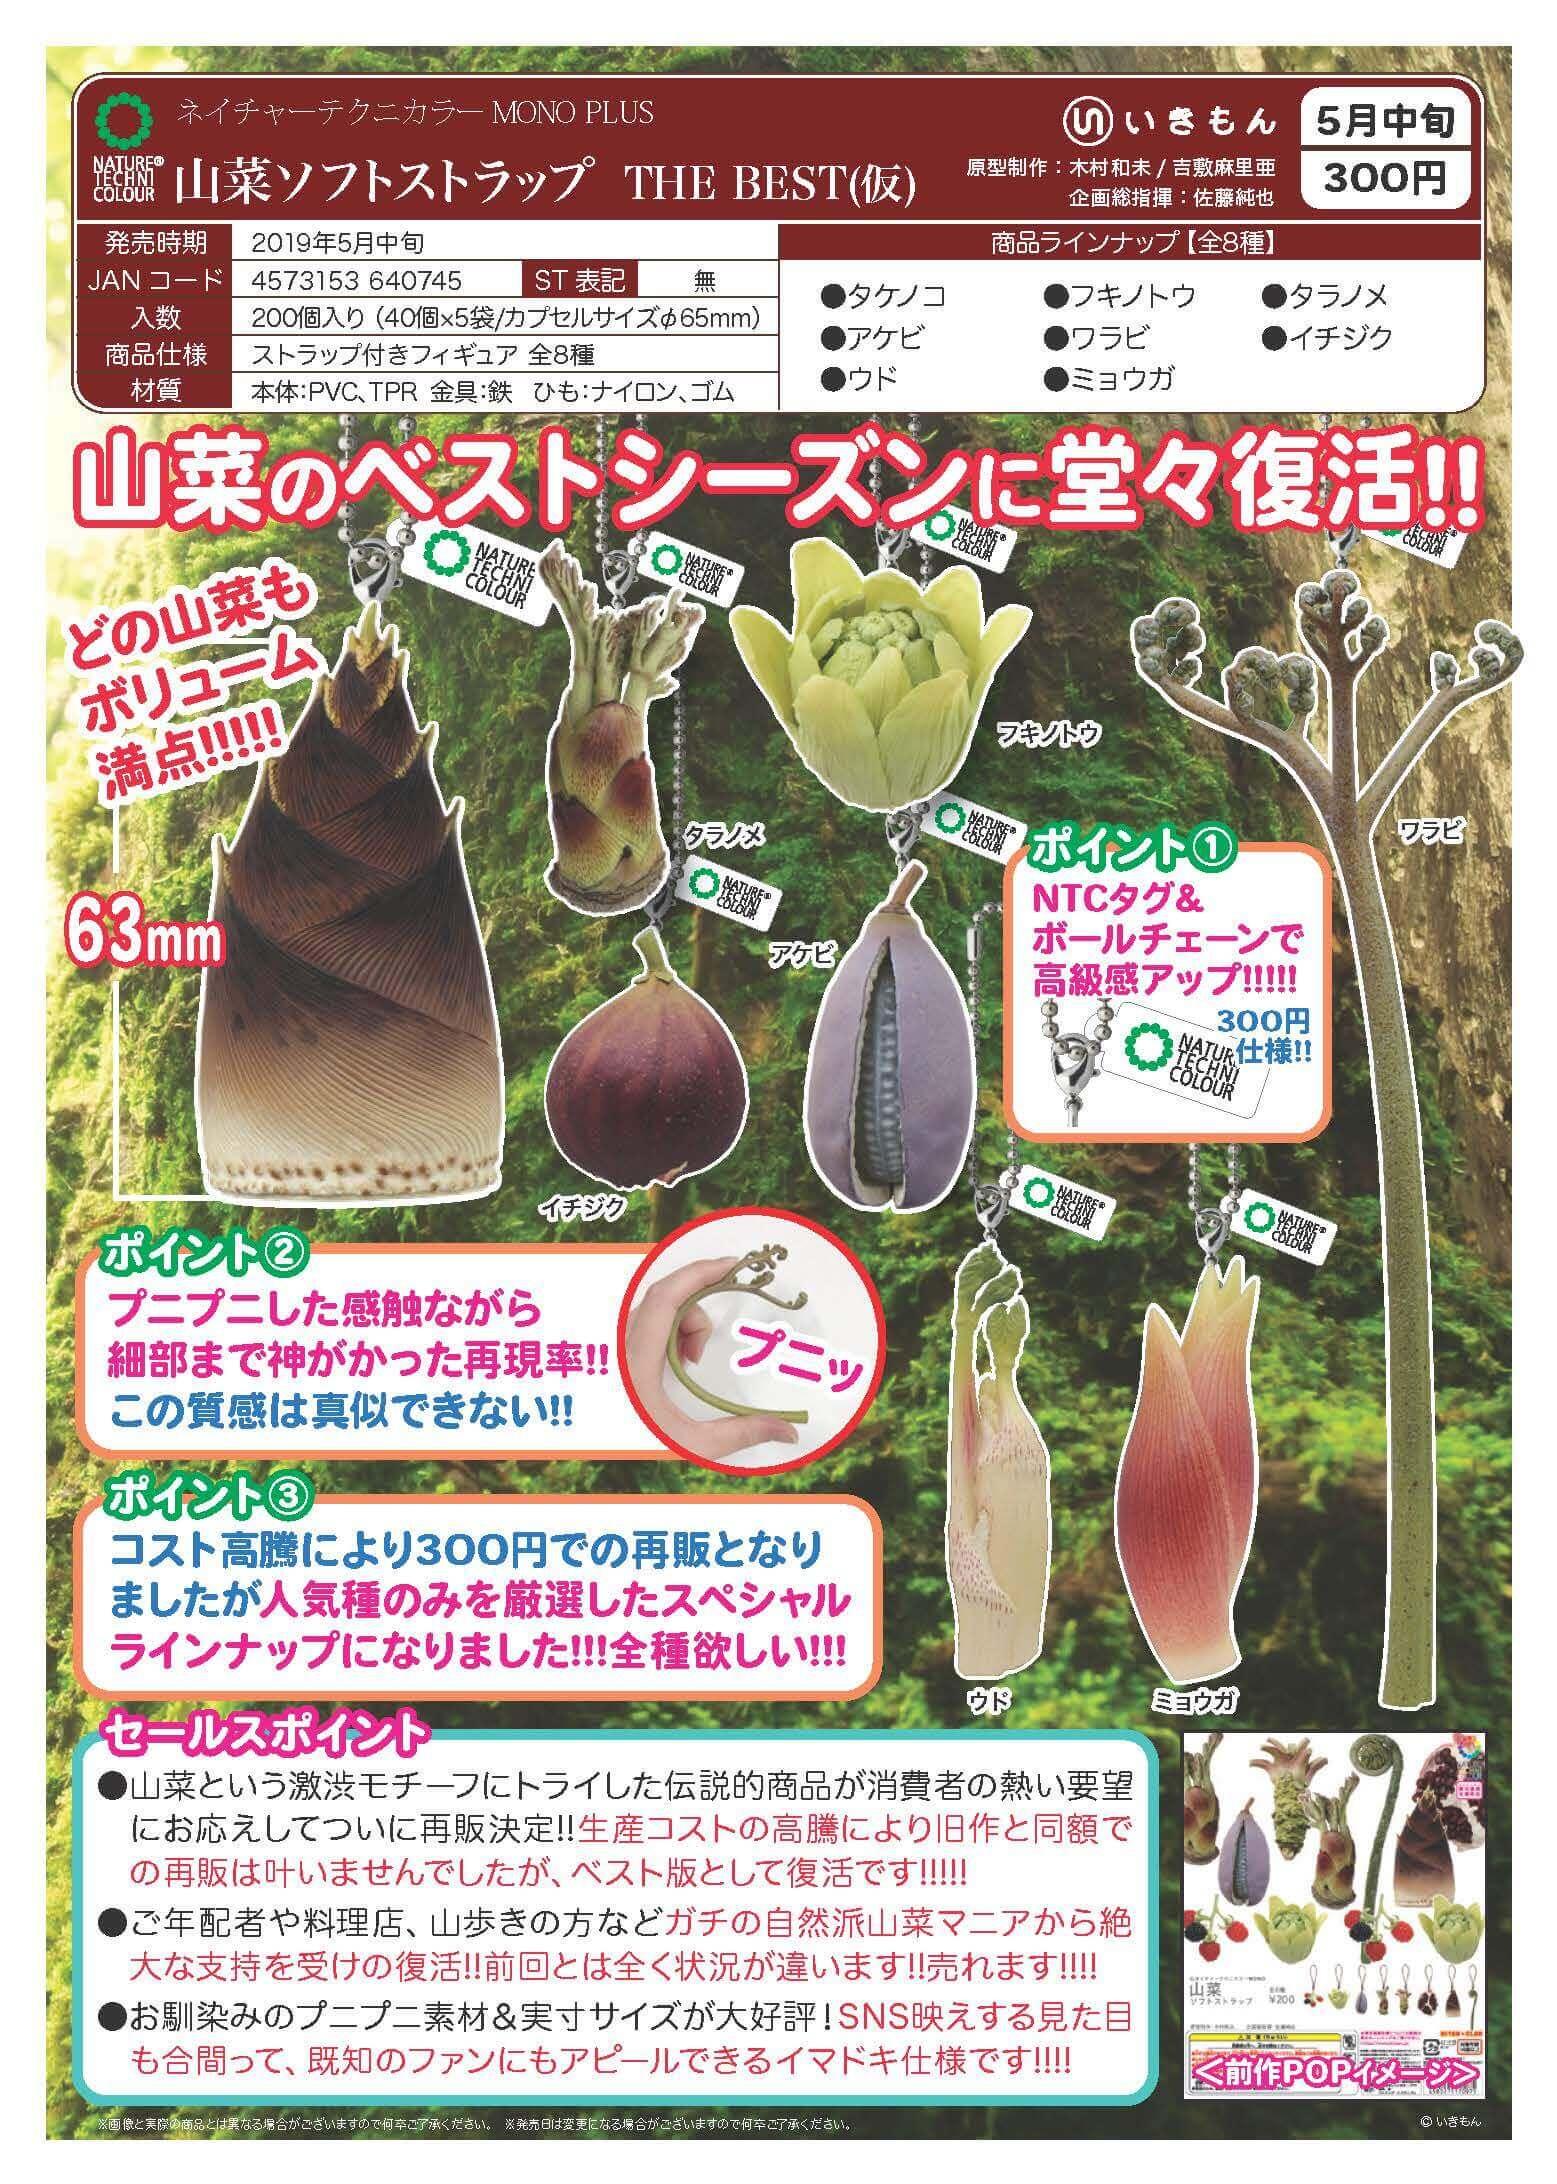 ネイチャーテクニカラーMONO PLUS山菜ソフトストラップ THE BEST[仮](40個入り)